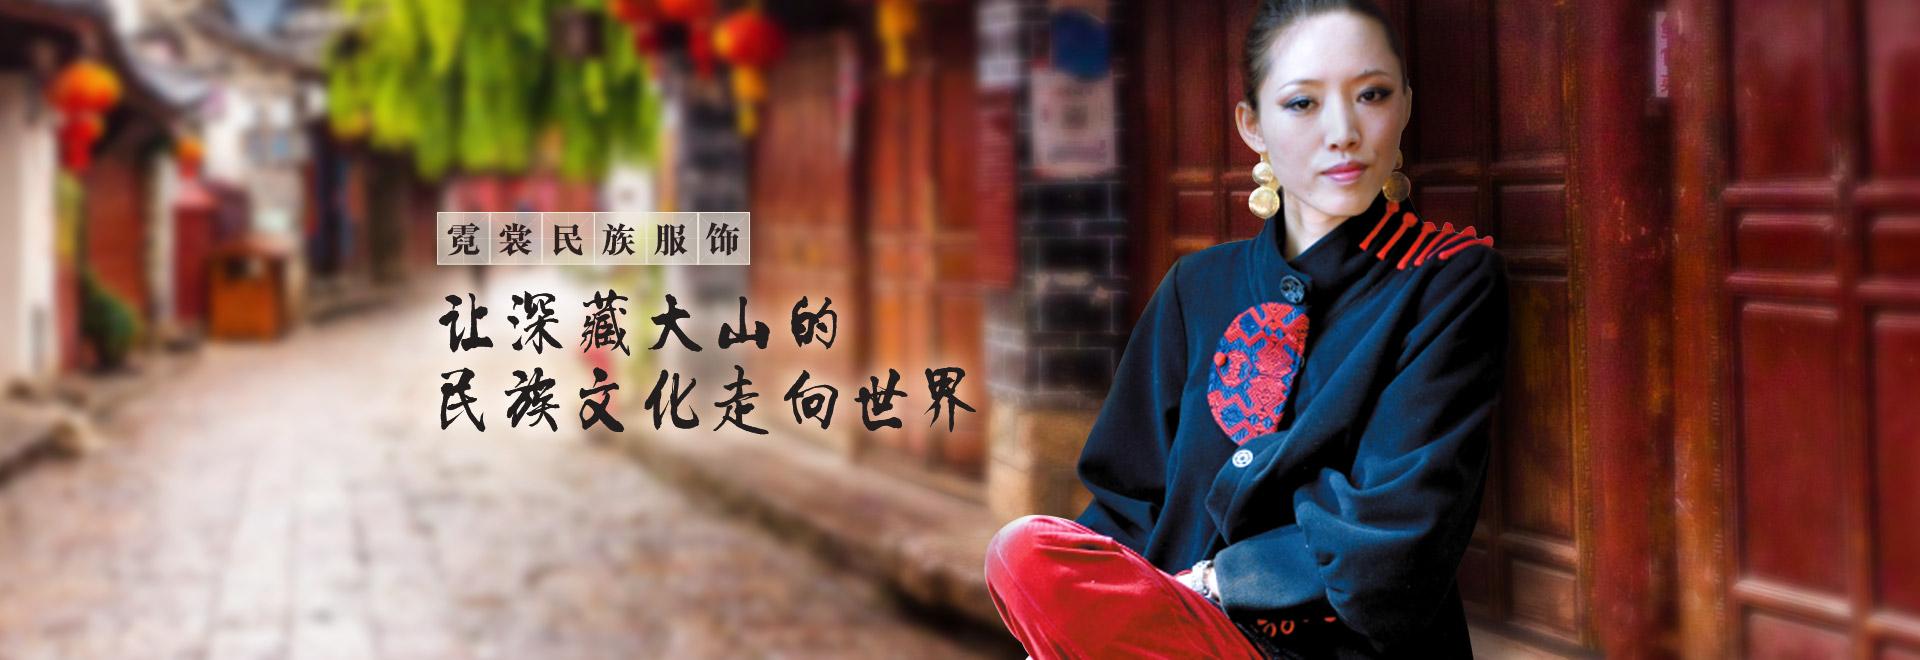 霓裳民族服饰 让深藏大山的民族文化走向世界